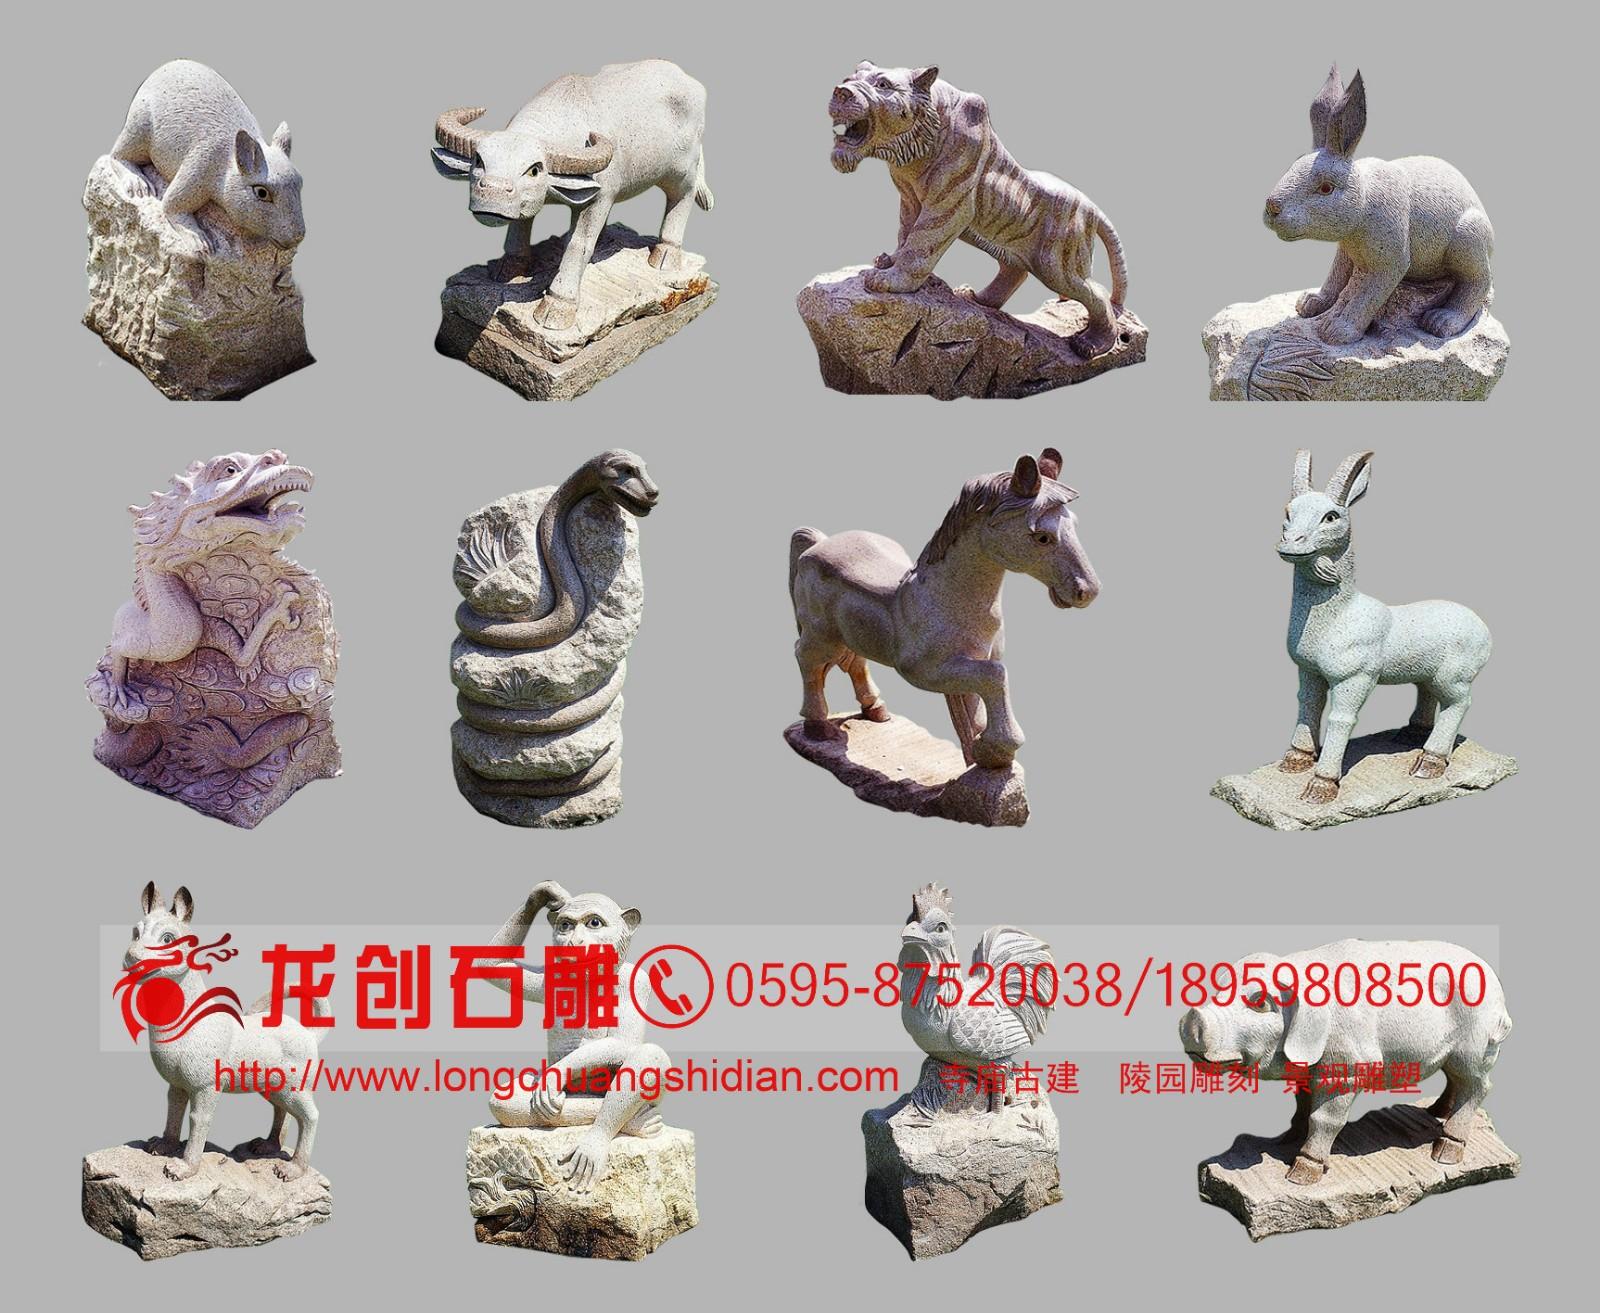 花岗岩十二生肖 石雕动物生肖雕刻 园林生肖摆件